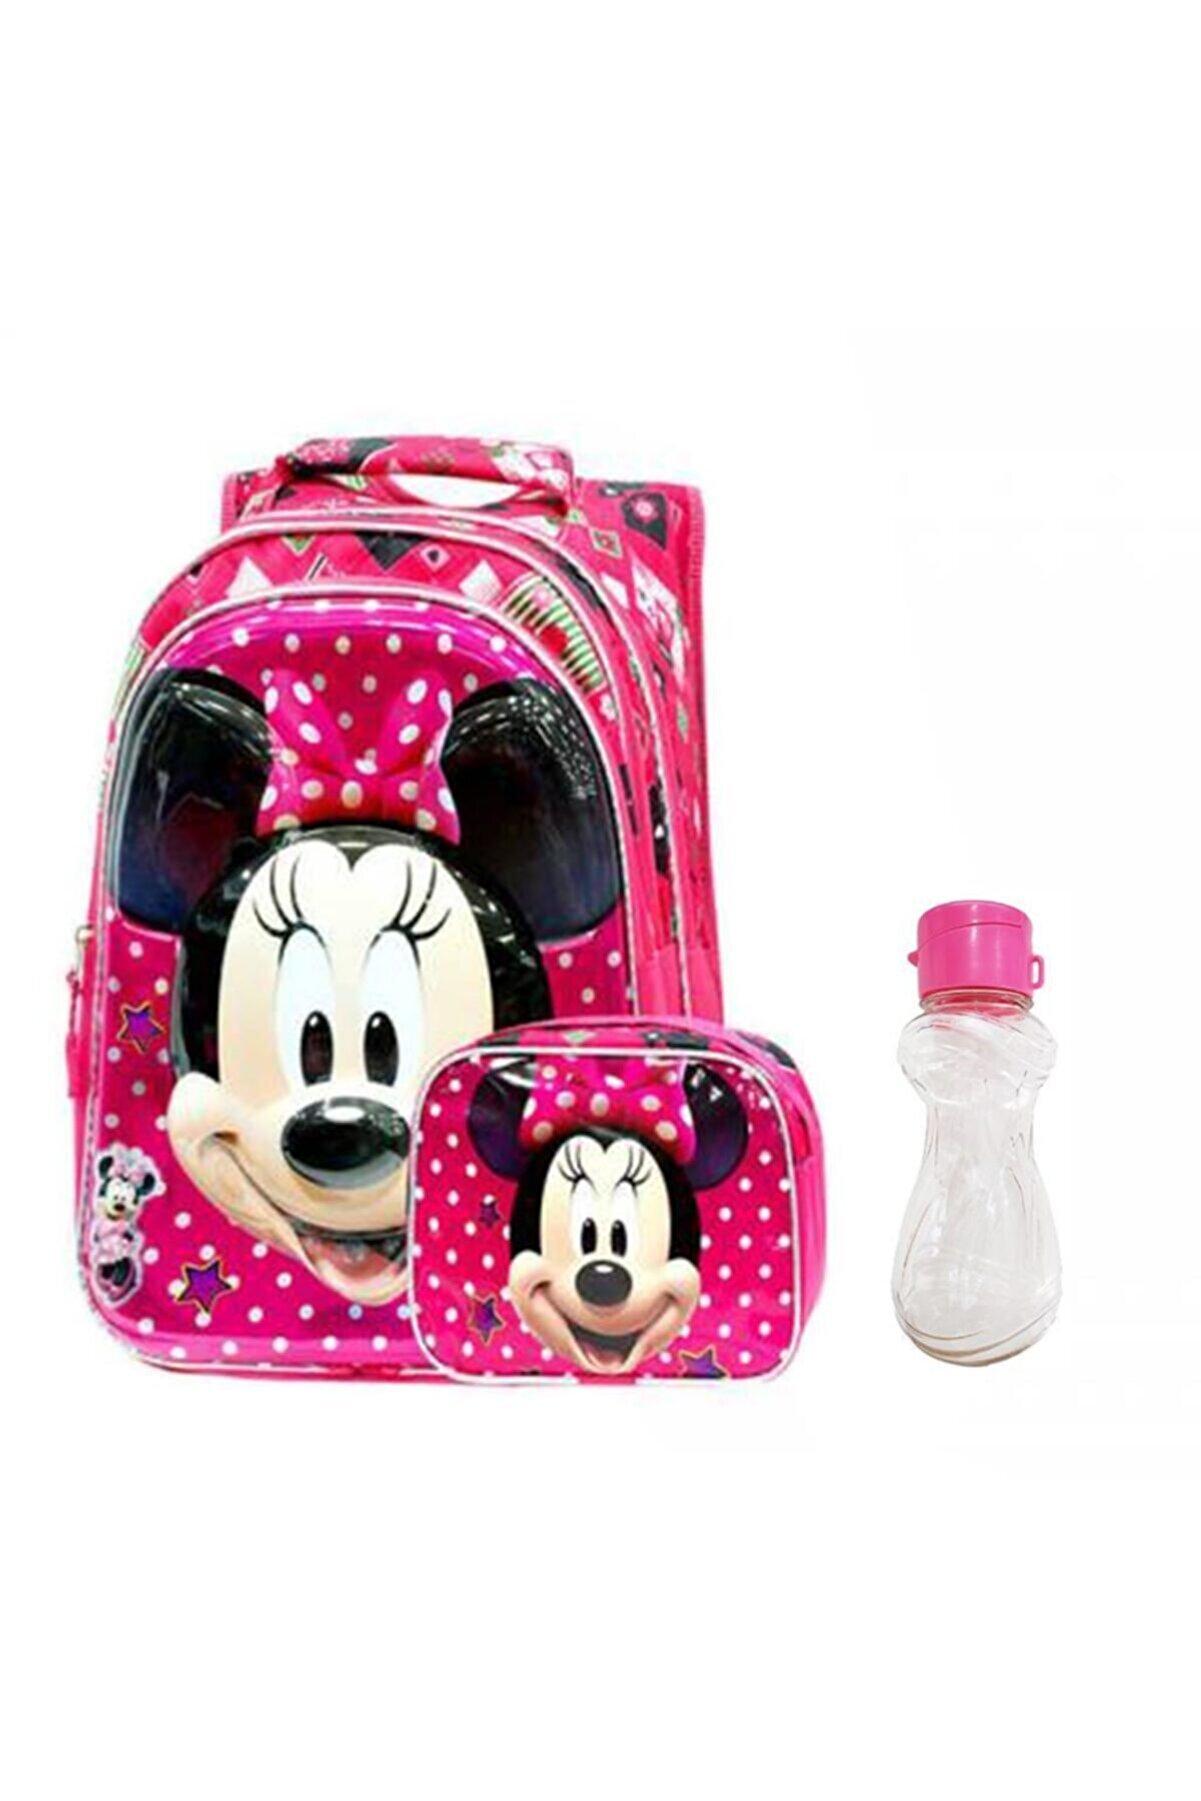 Mashotrend Kız Çocuk Pembe Minnie Mouse Baskılı Ortopedik İlkokul Çantası Beslenme Çantası ve Suluk